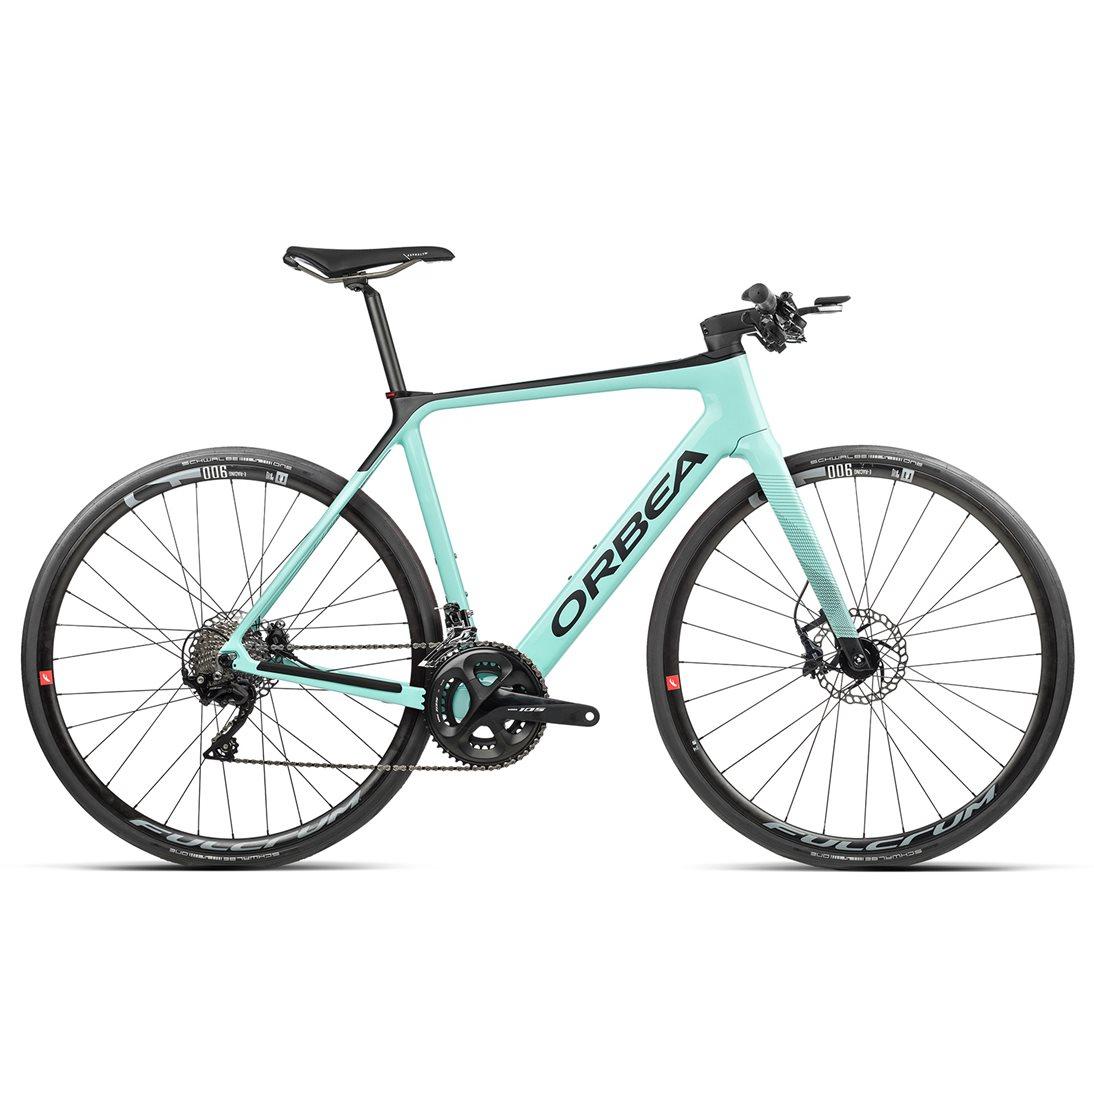 Orbea Gain M30 Flat Bar 105 Electric Road Bike 2021